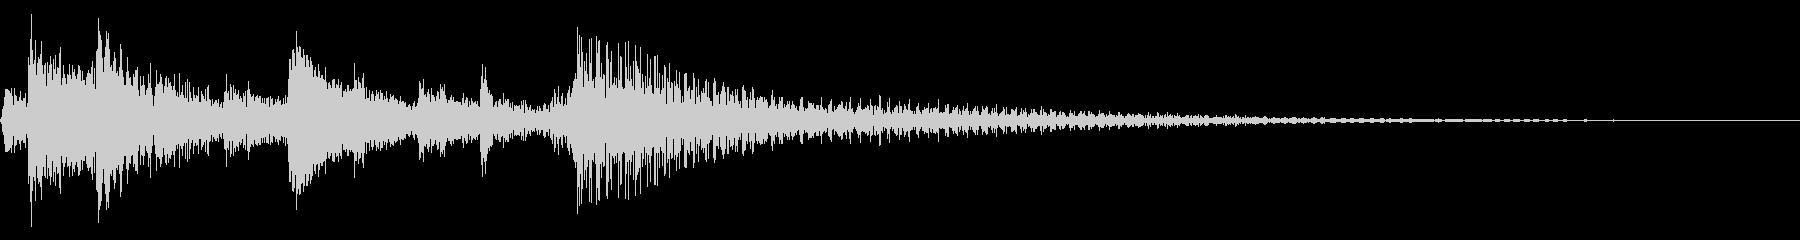 月琴で演奏された和風のメロショットの未再生の波形